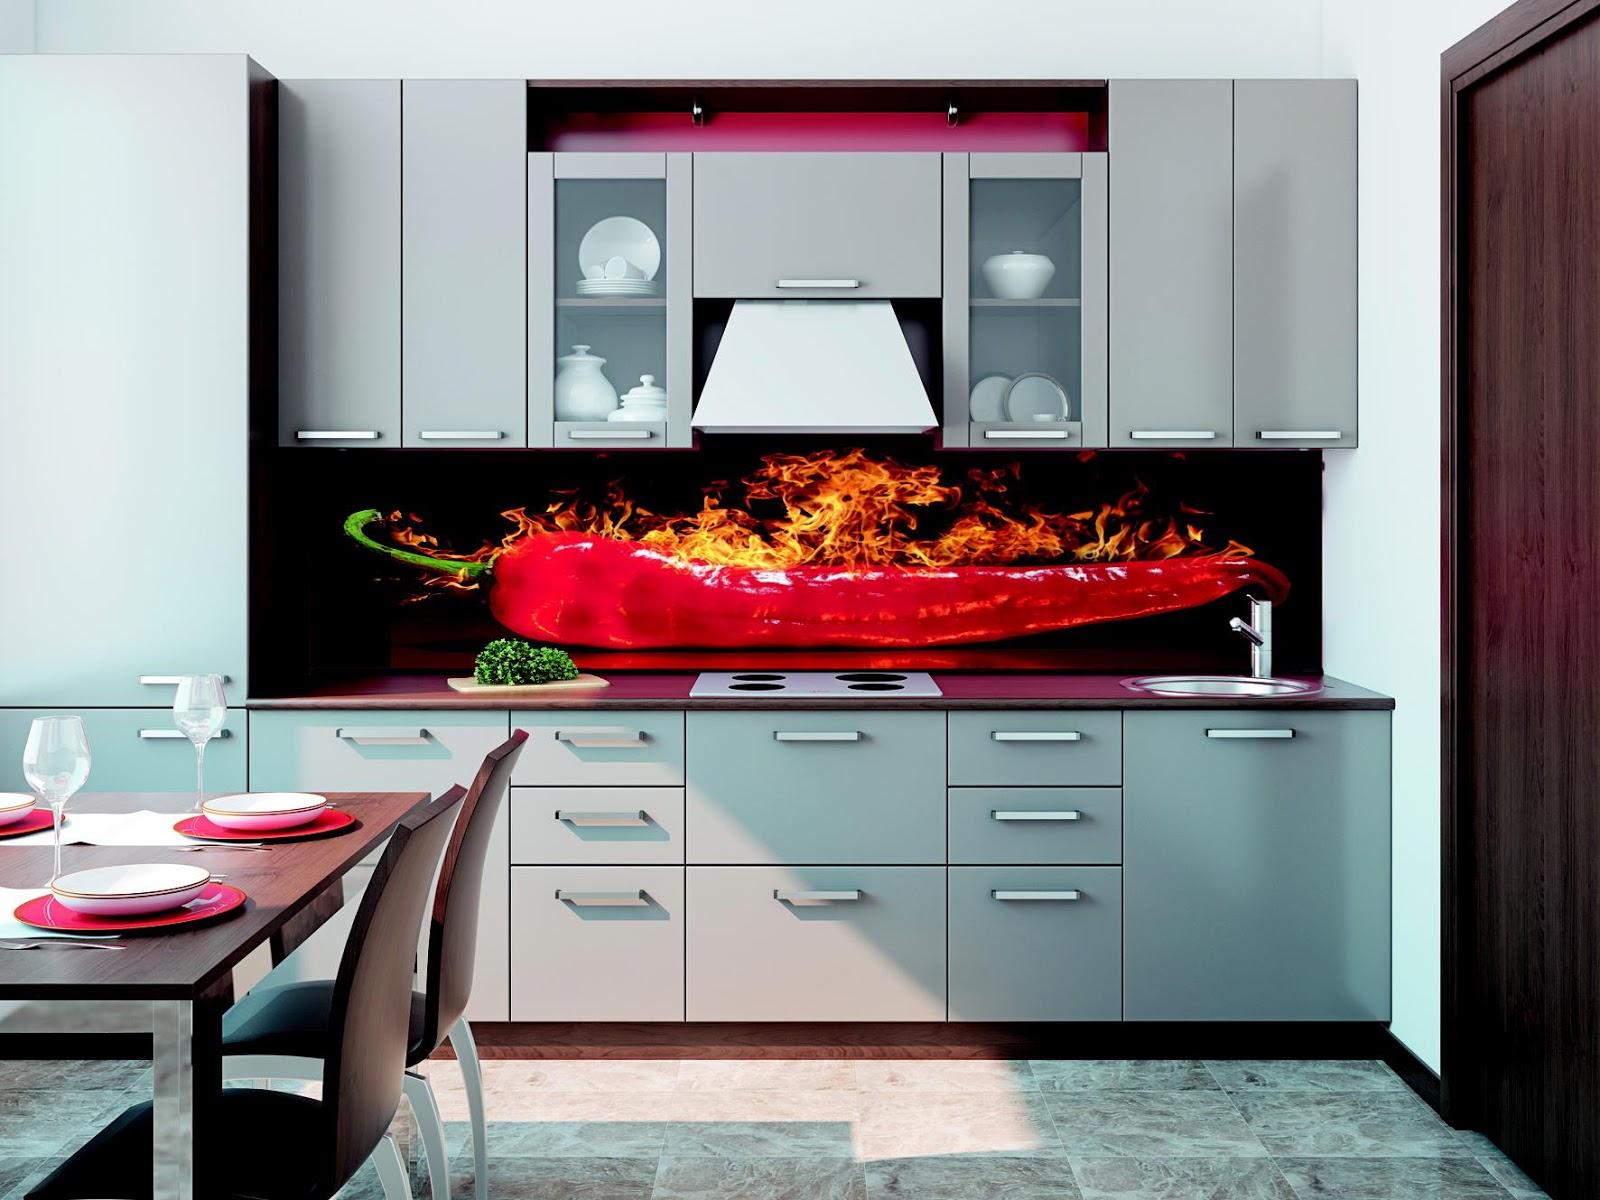 küchenrückwand aus glas mit motiv - home creation - Küchenrückwand Glas Motiv